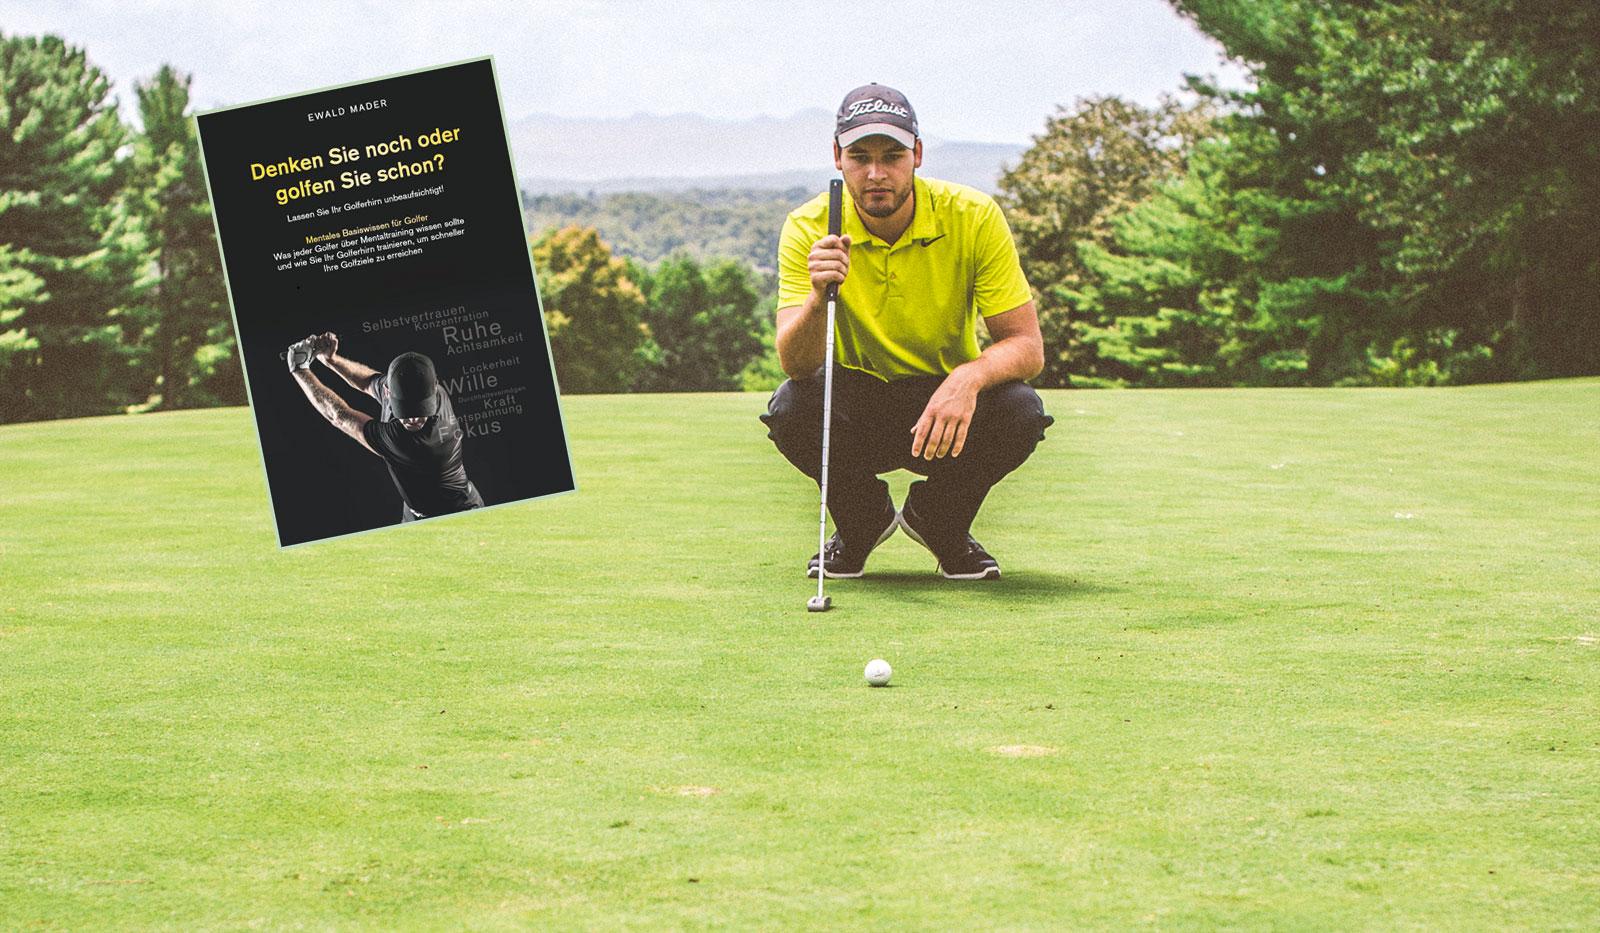 """Golfer und Buchcover """"Denken Sienoch oder golfen Sie schon?"""""""